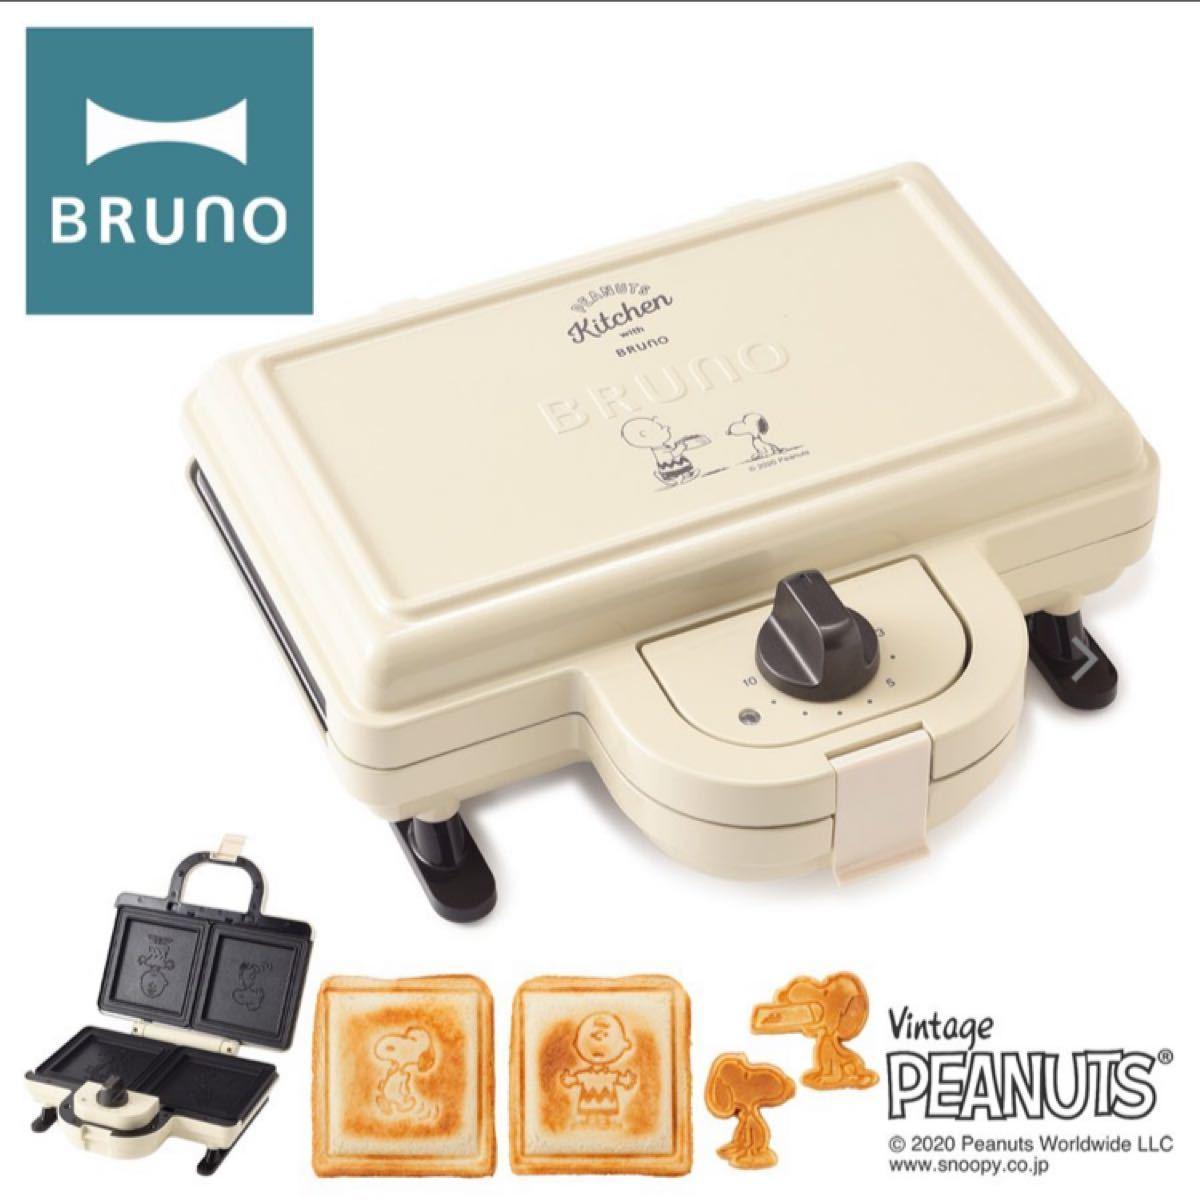 BRUNO コンパクトホットプレート ホットサンドメーカー ブルーノ ピーナッツ ダブル BOE069